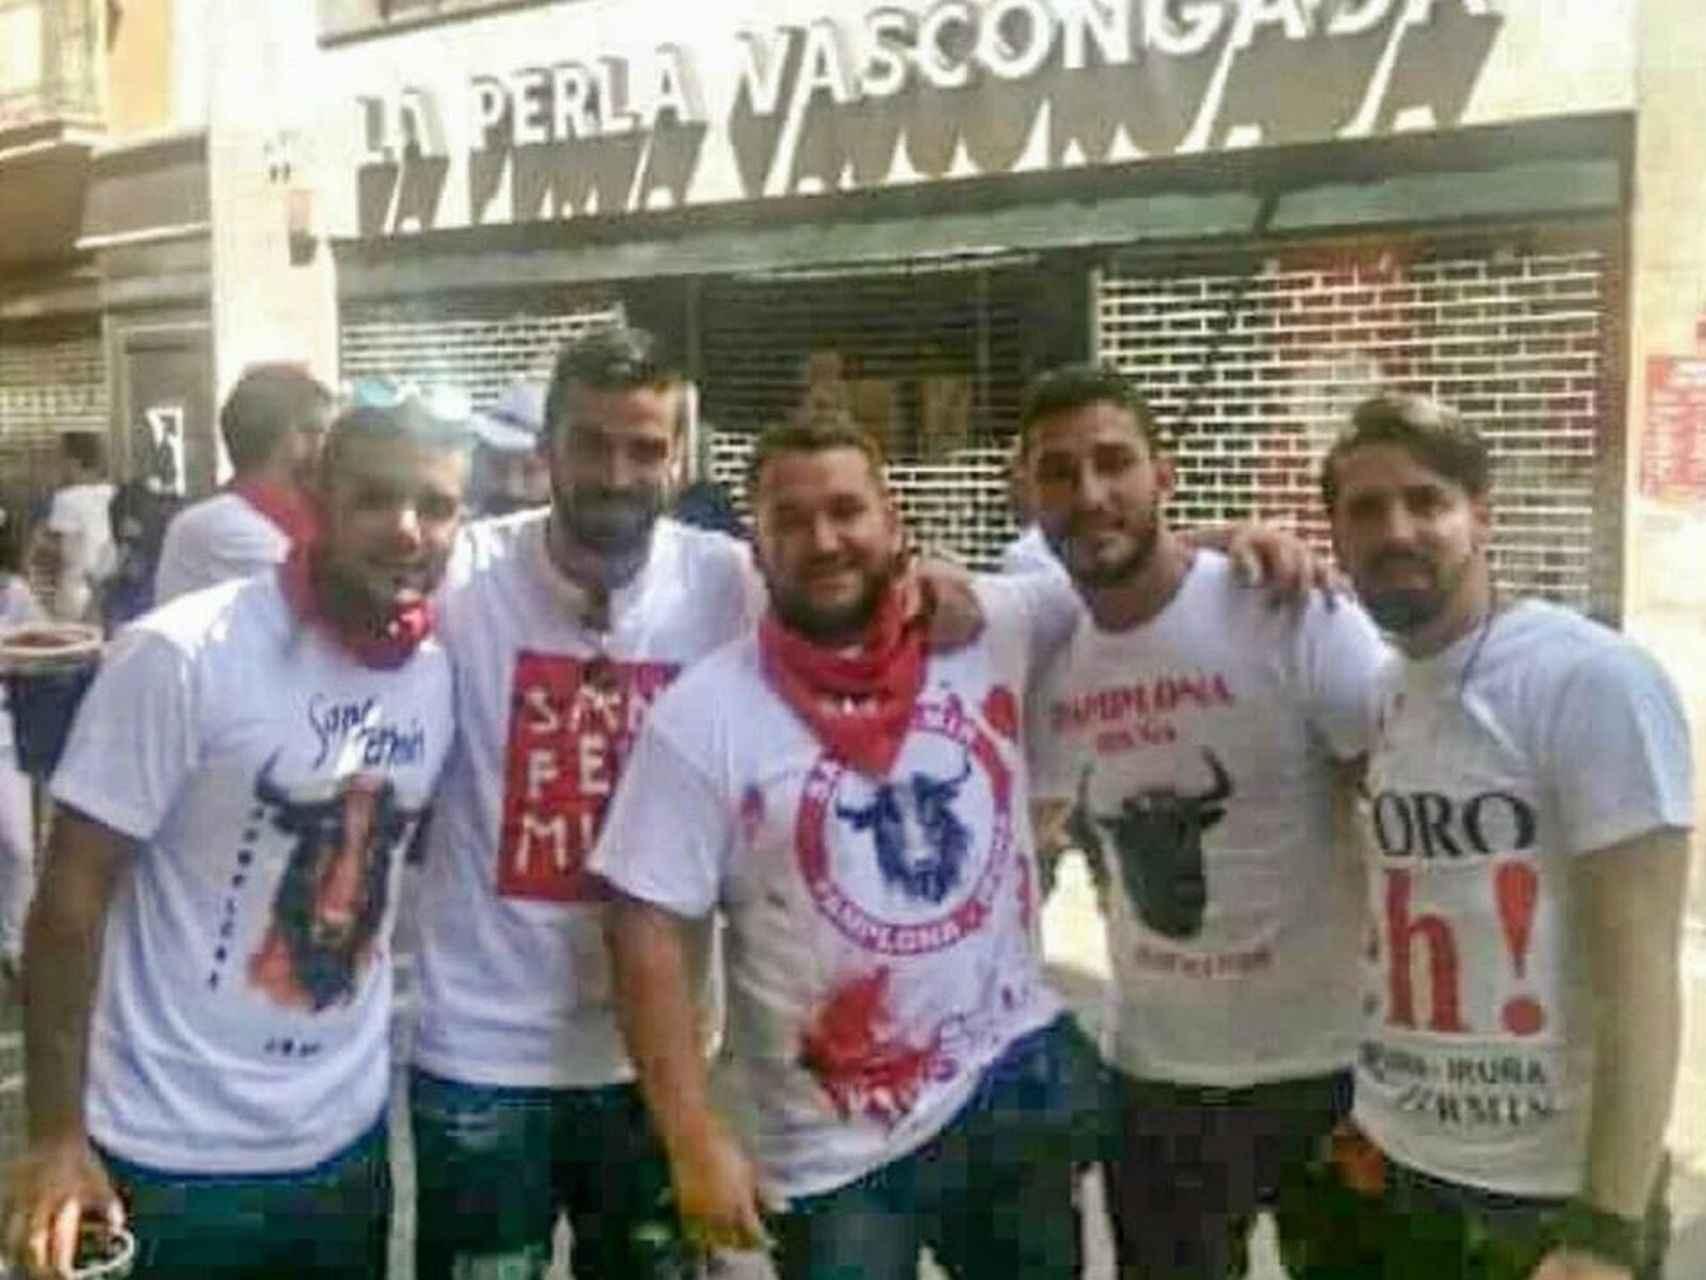 Los cinco detenidos por la presunta agresión de San Fermín.